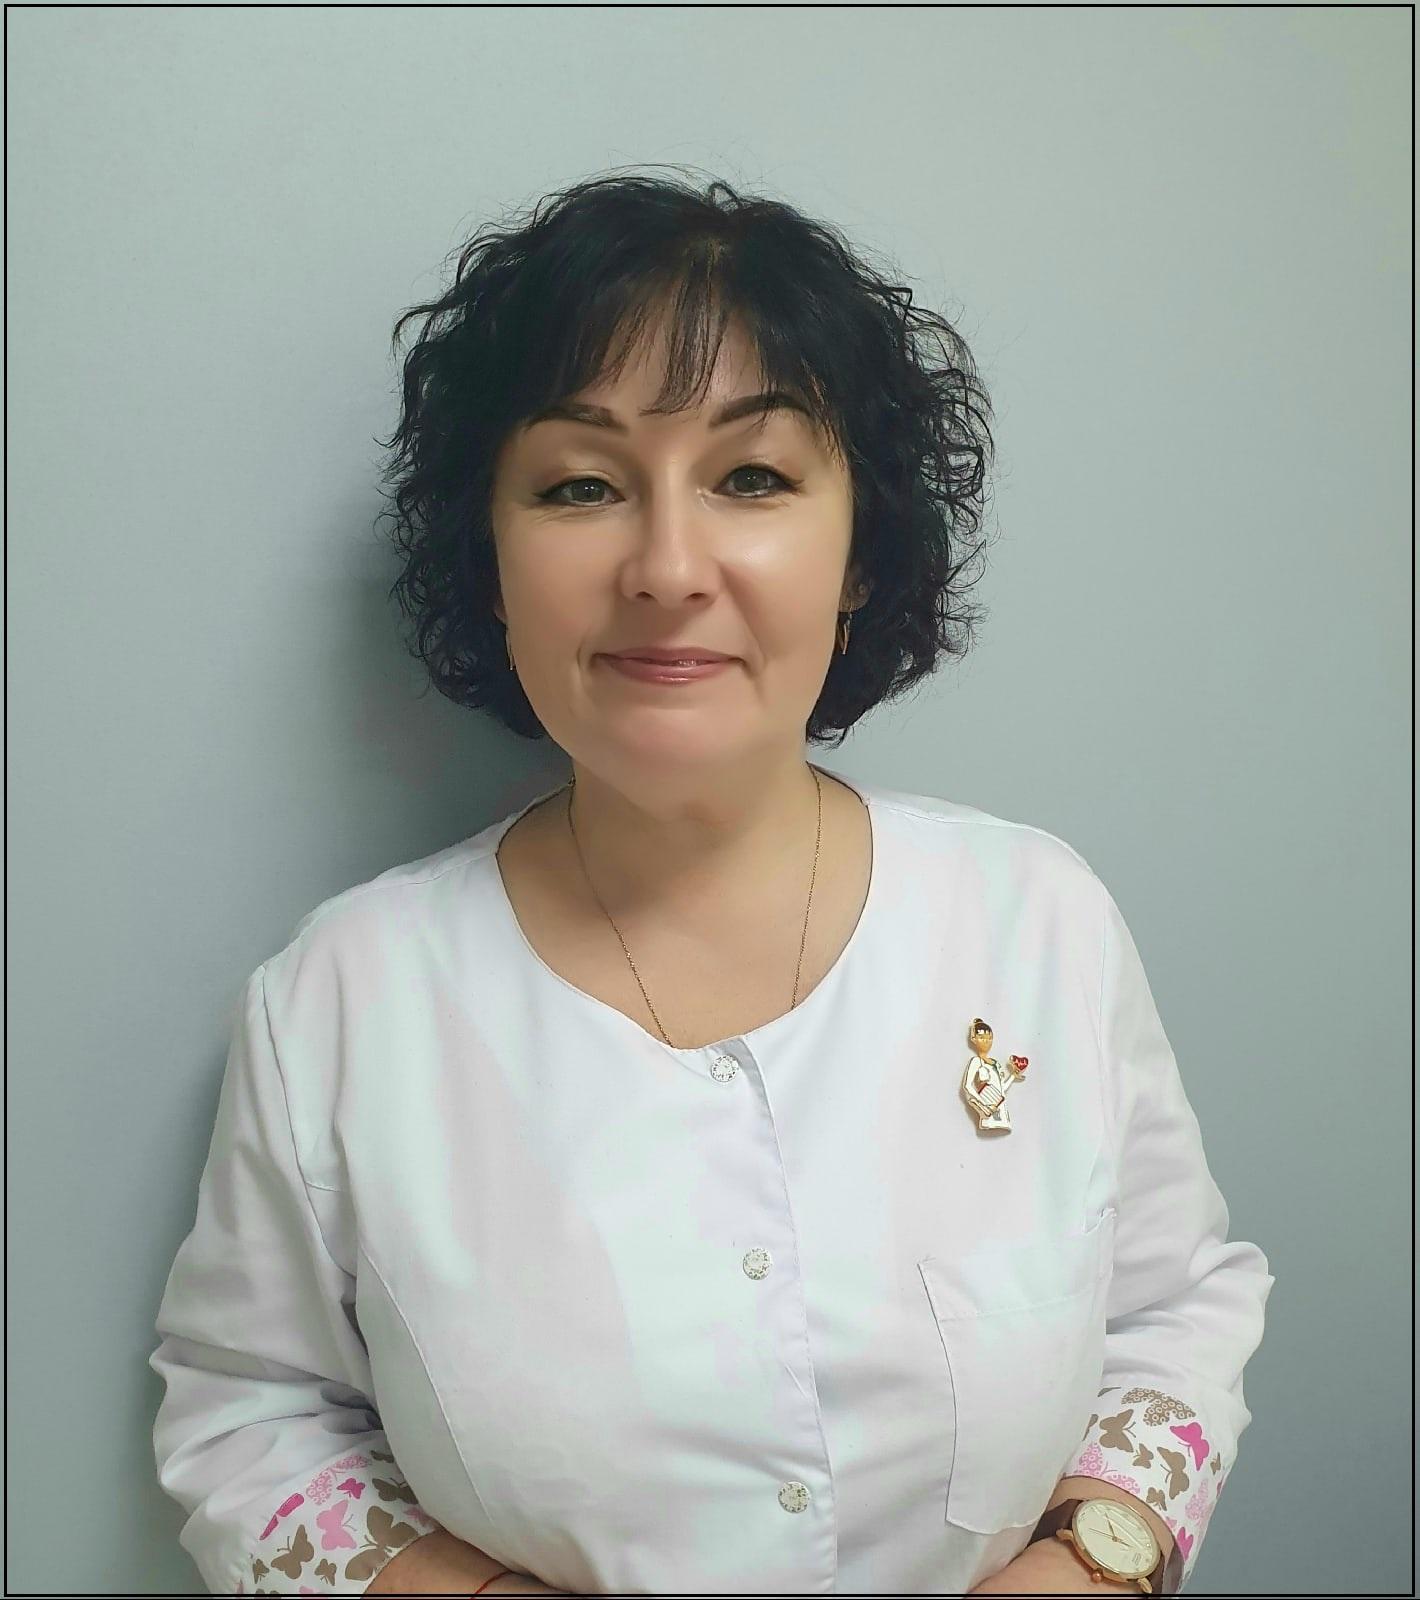 Котова Екатерина Борисовна